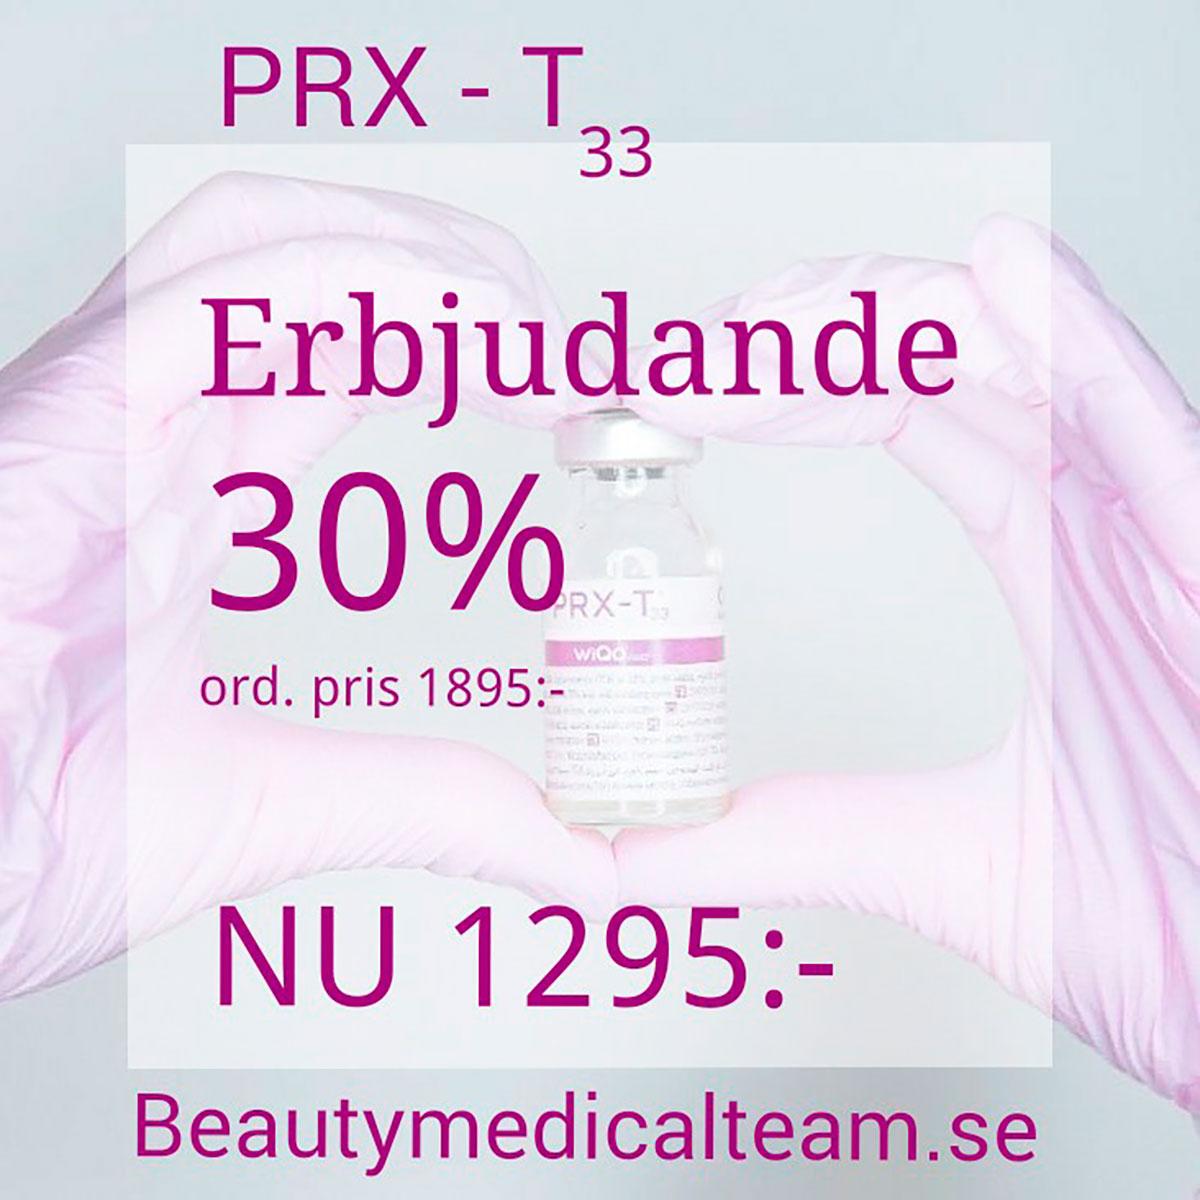 PRX-T33 Erbjudan de 30 procent